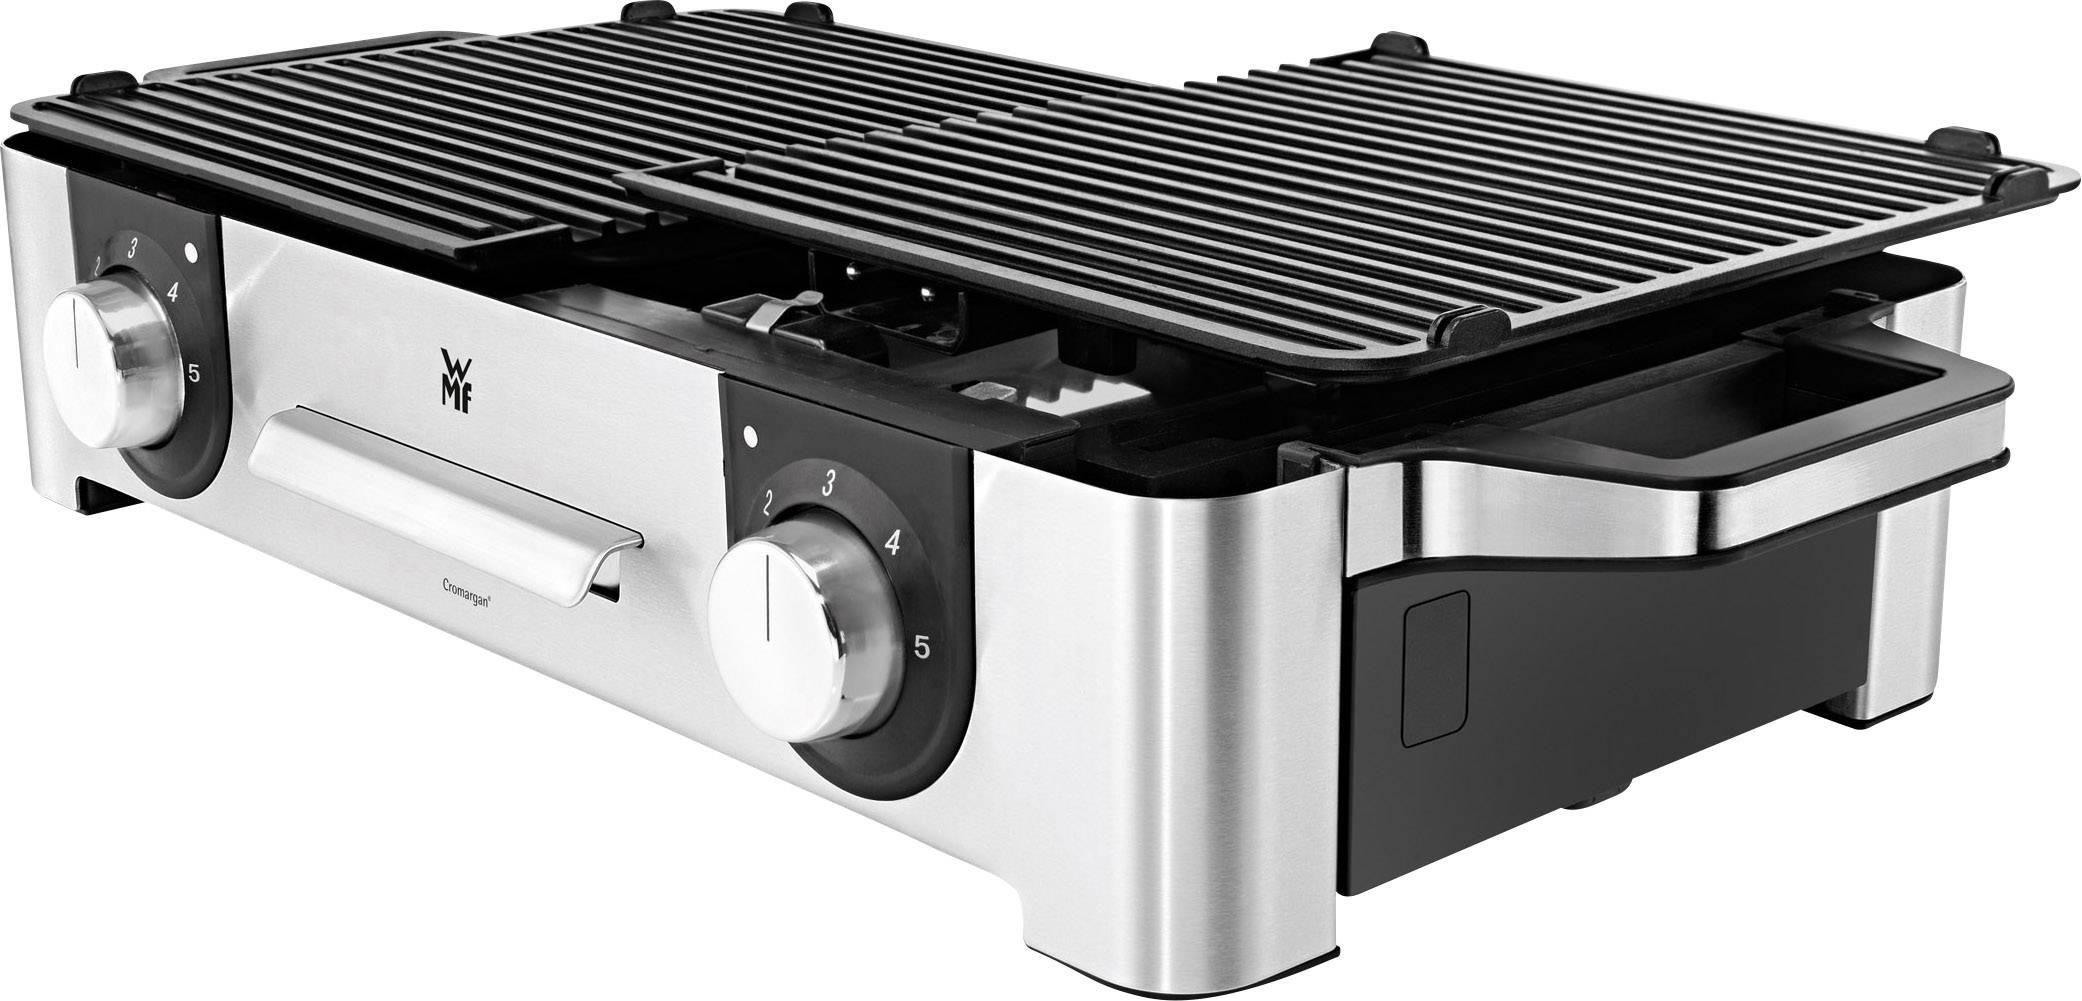 WMF Lono grill da tavolo anti detenzione rivestito a costine 2000 Watt grillfäche circa 27x41cm